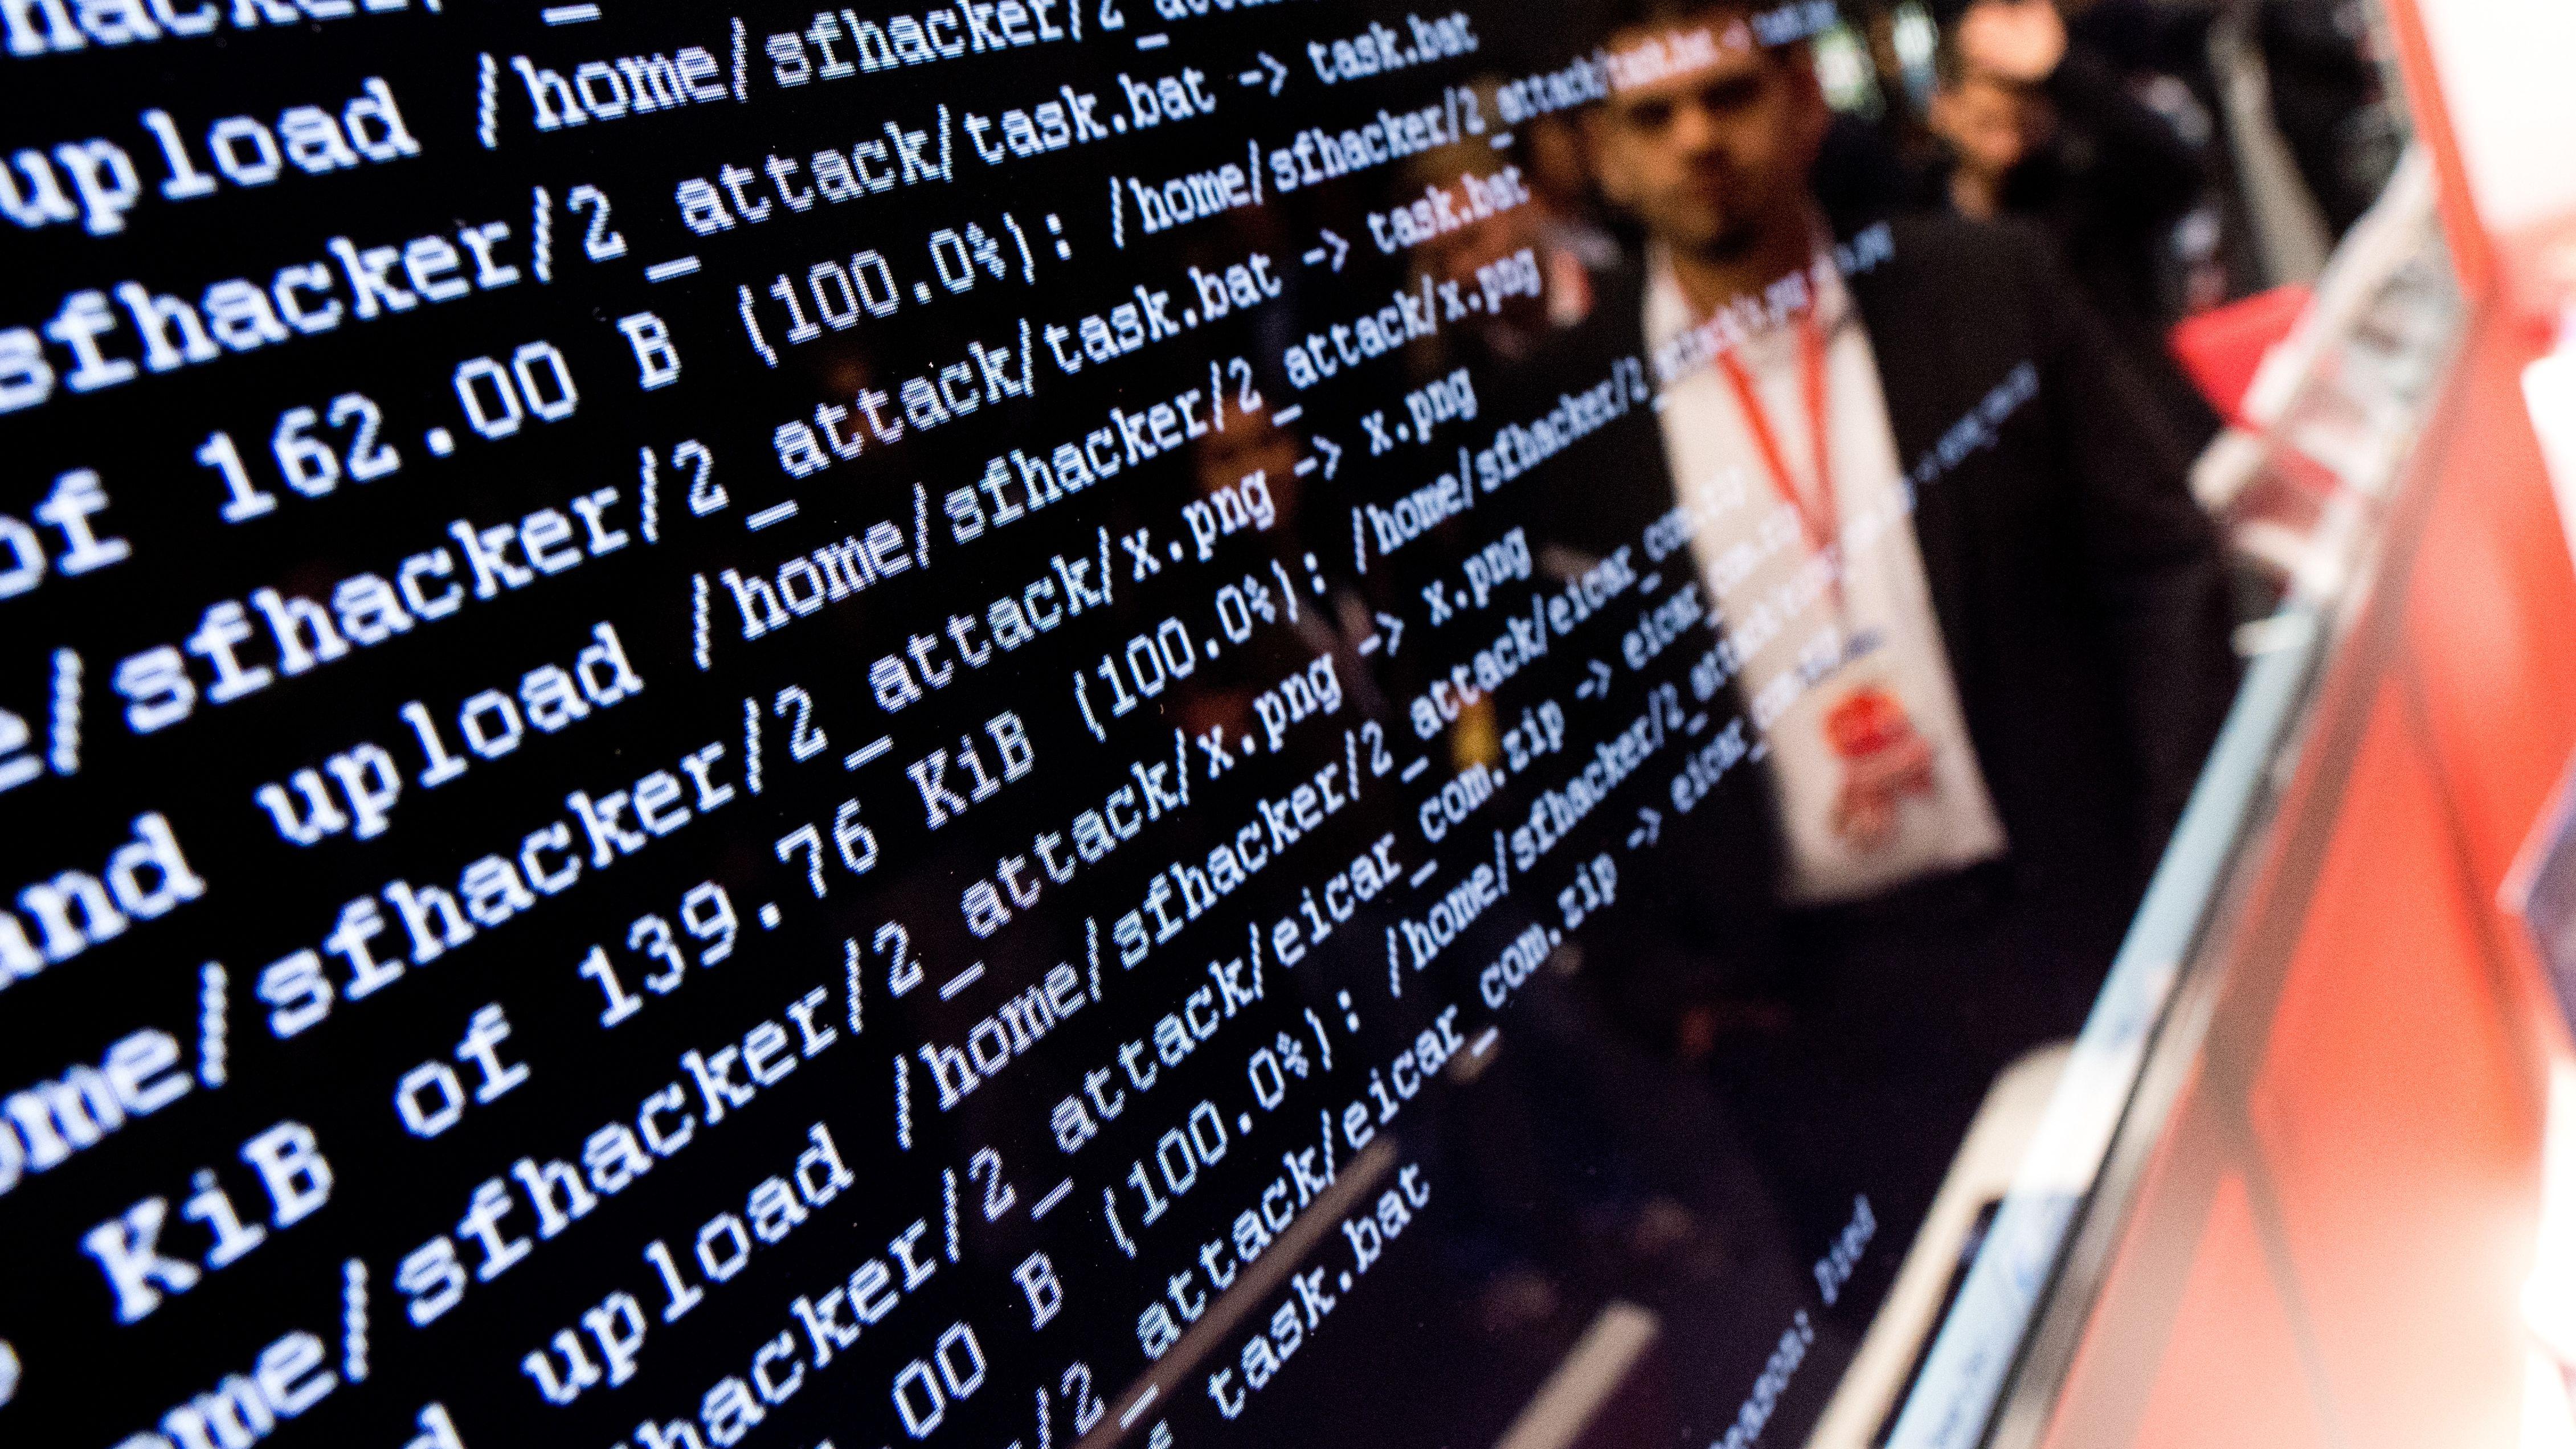 Simulierter Hackerangriff auf der Hannovermesse 2018.